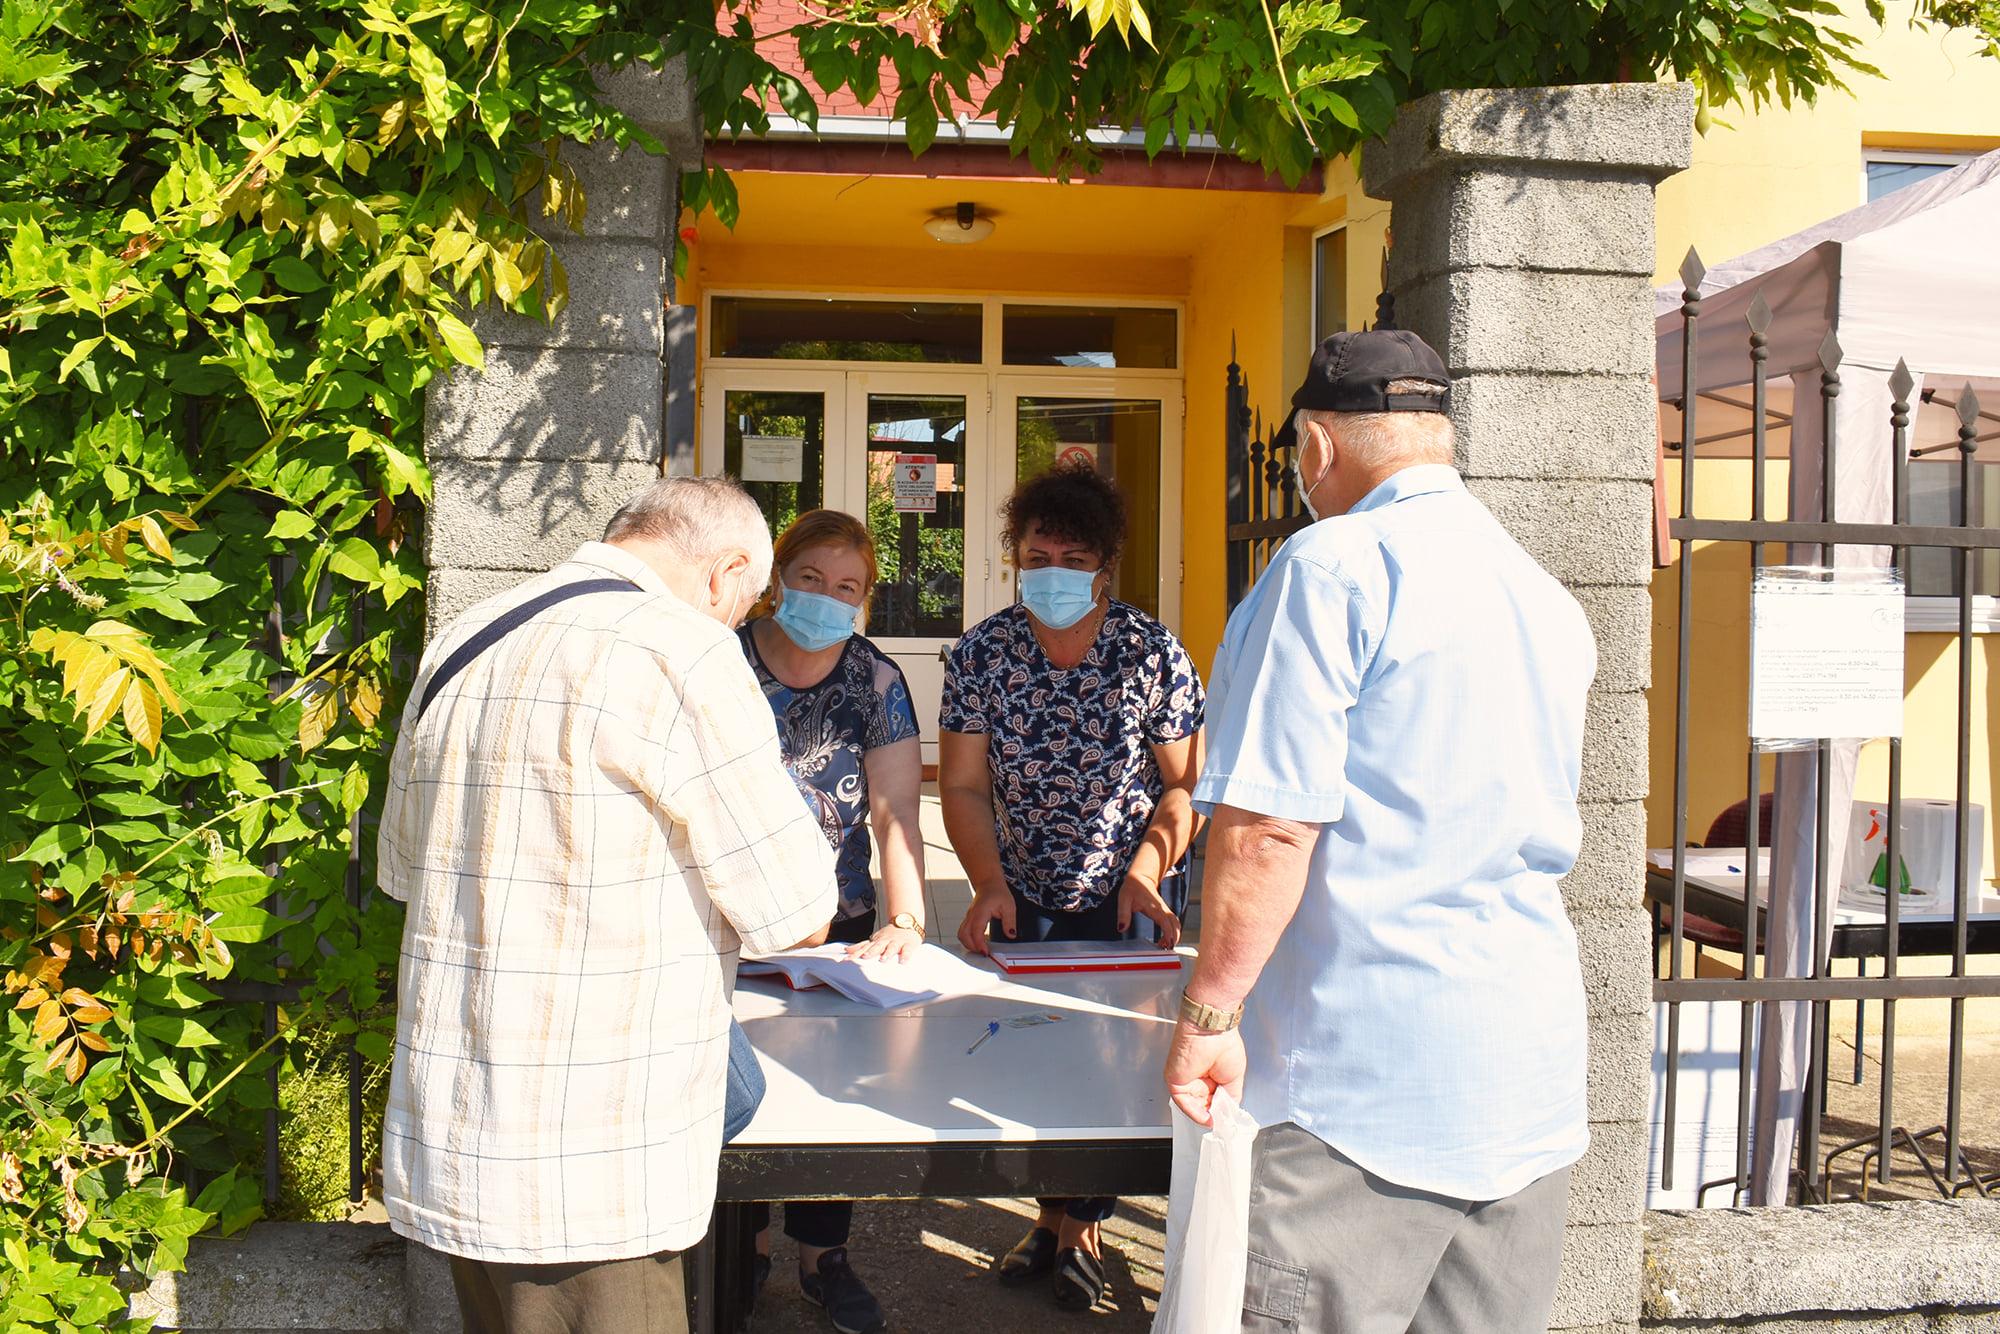 Campania de distribuție a măștilor gratuite va continua și săptâmâna viitoare în municipiul Satu Mare